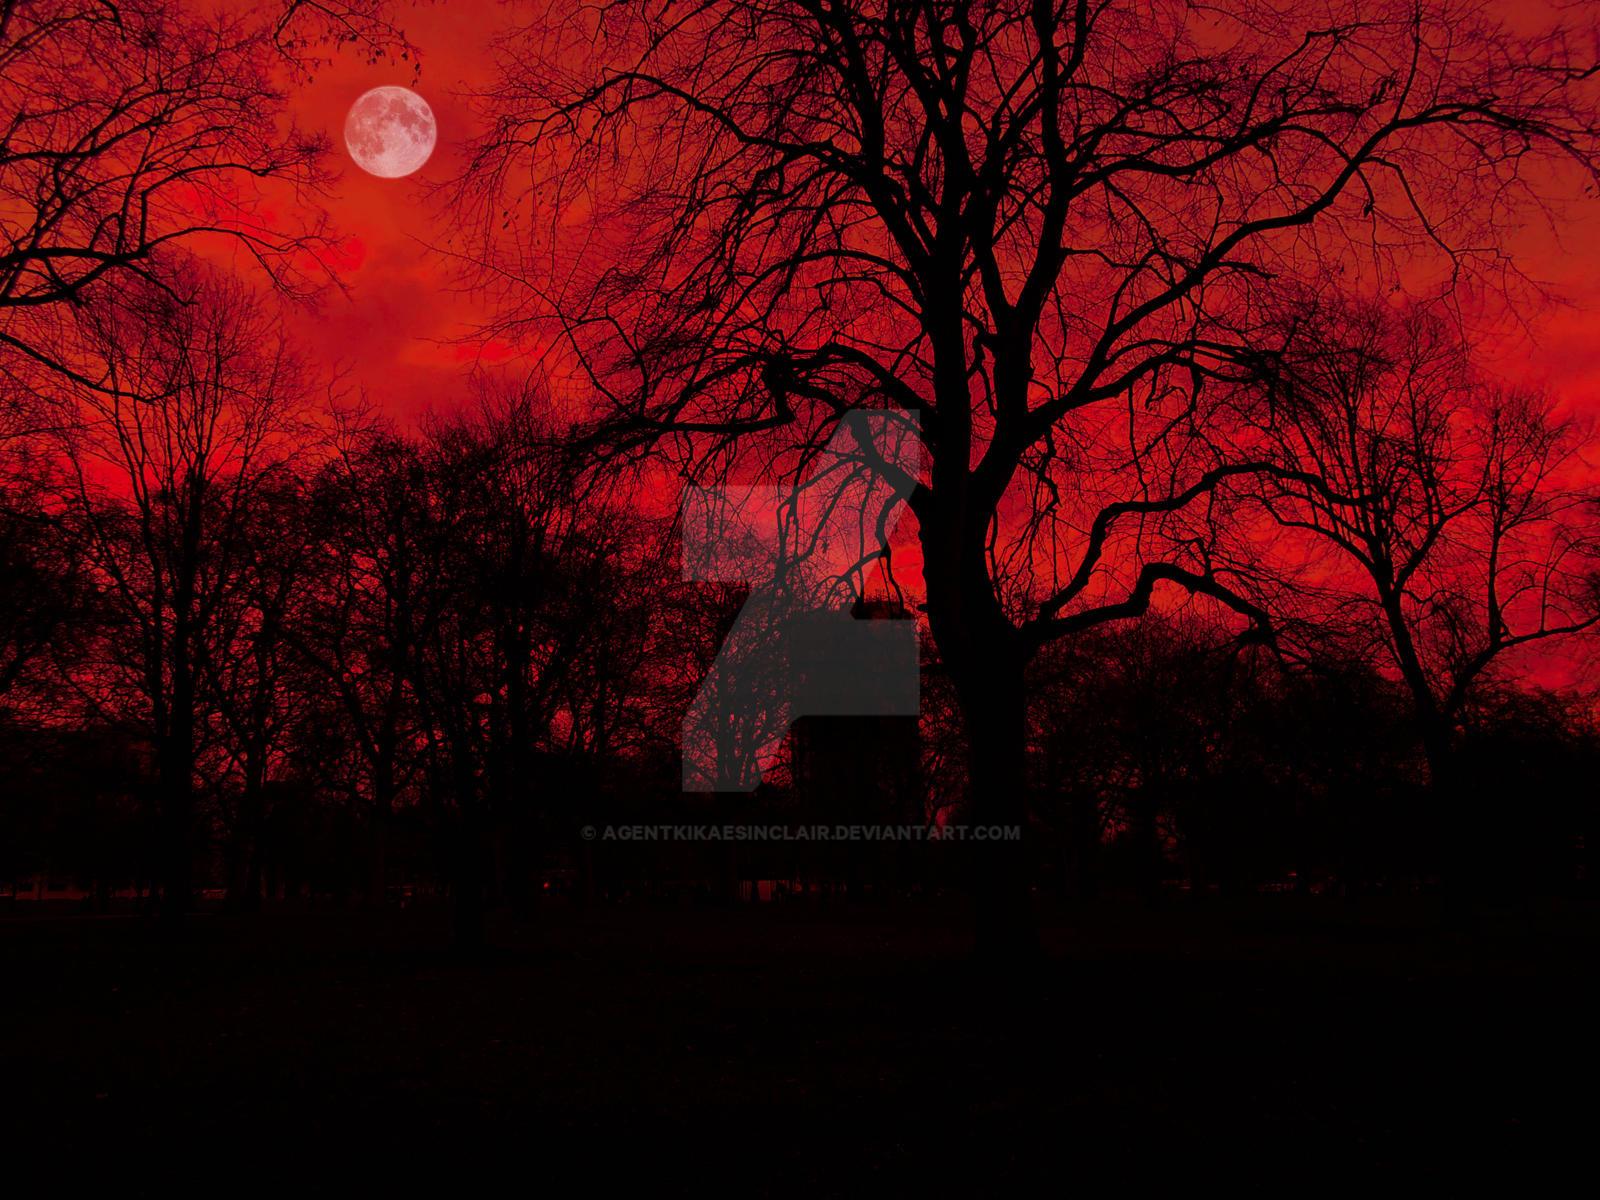 blood moon tonight minneapolis - photo #35